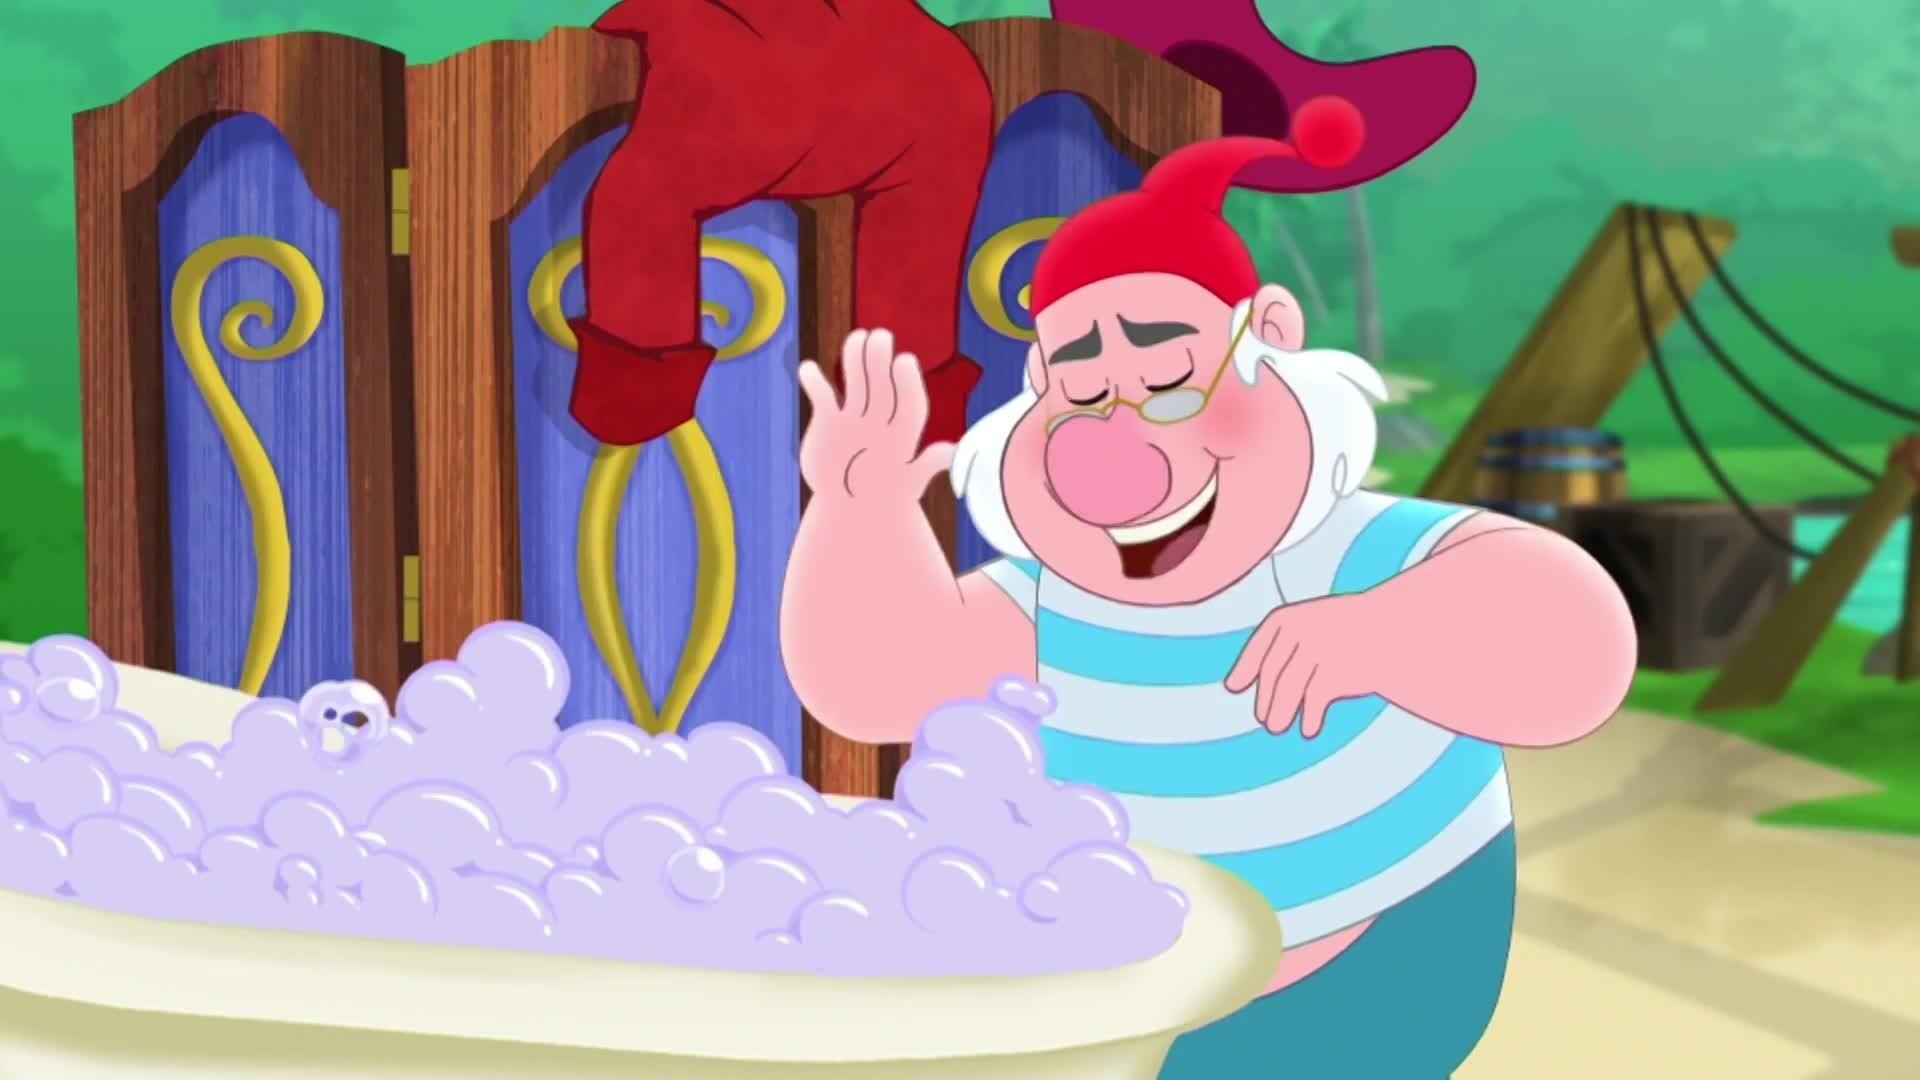 Jake und die Nimmerland Piraten - Auf Käpt'n Hook ist kein Verlass/ Wer hat die Kokosnuss geklaut?